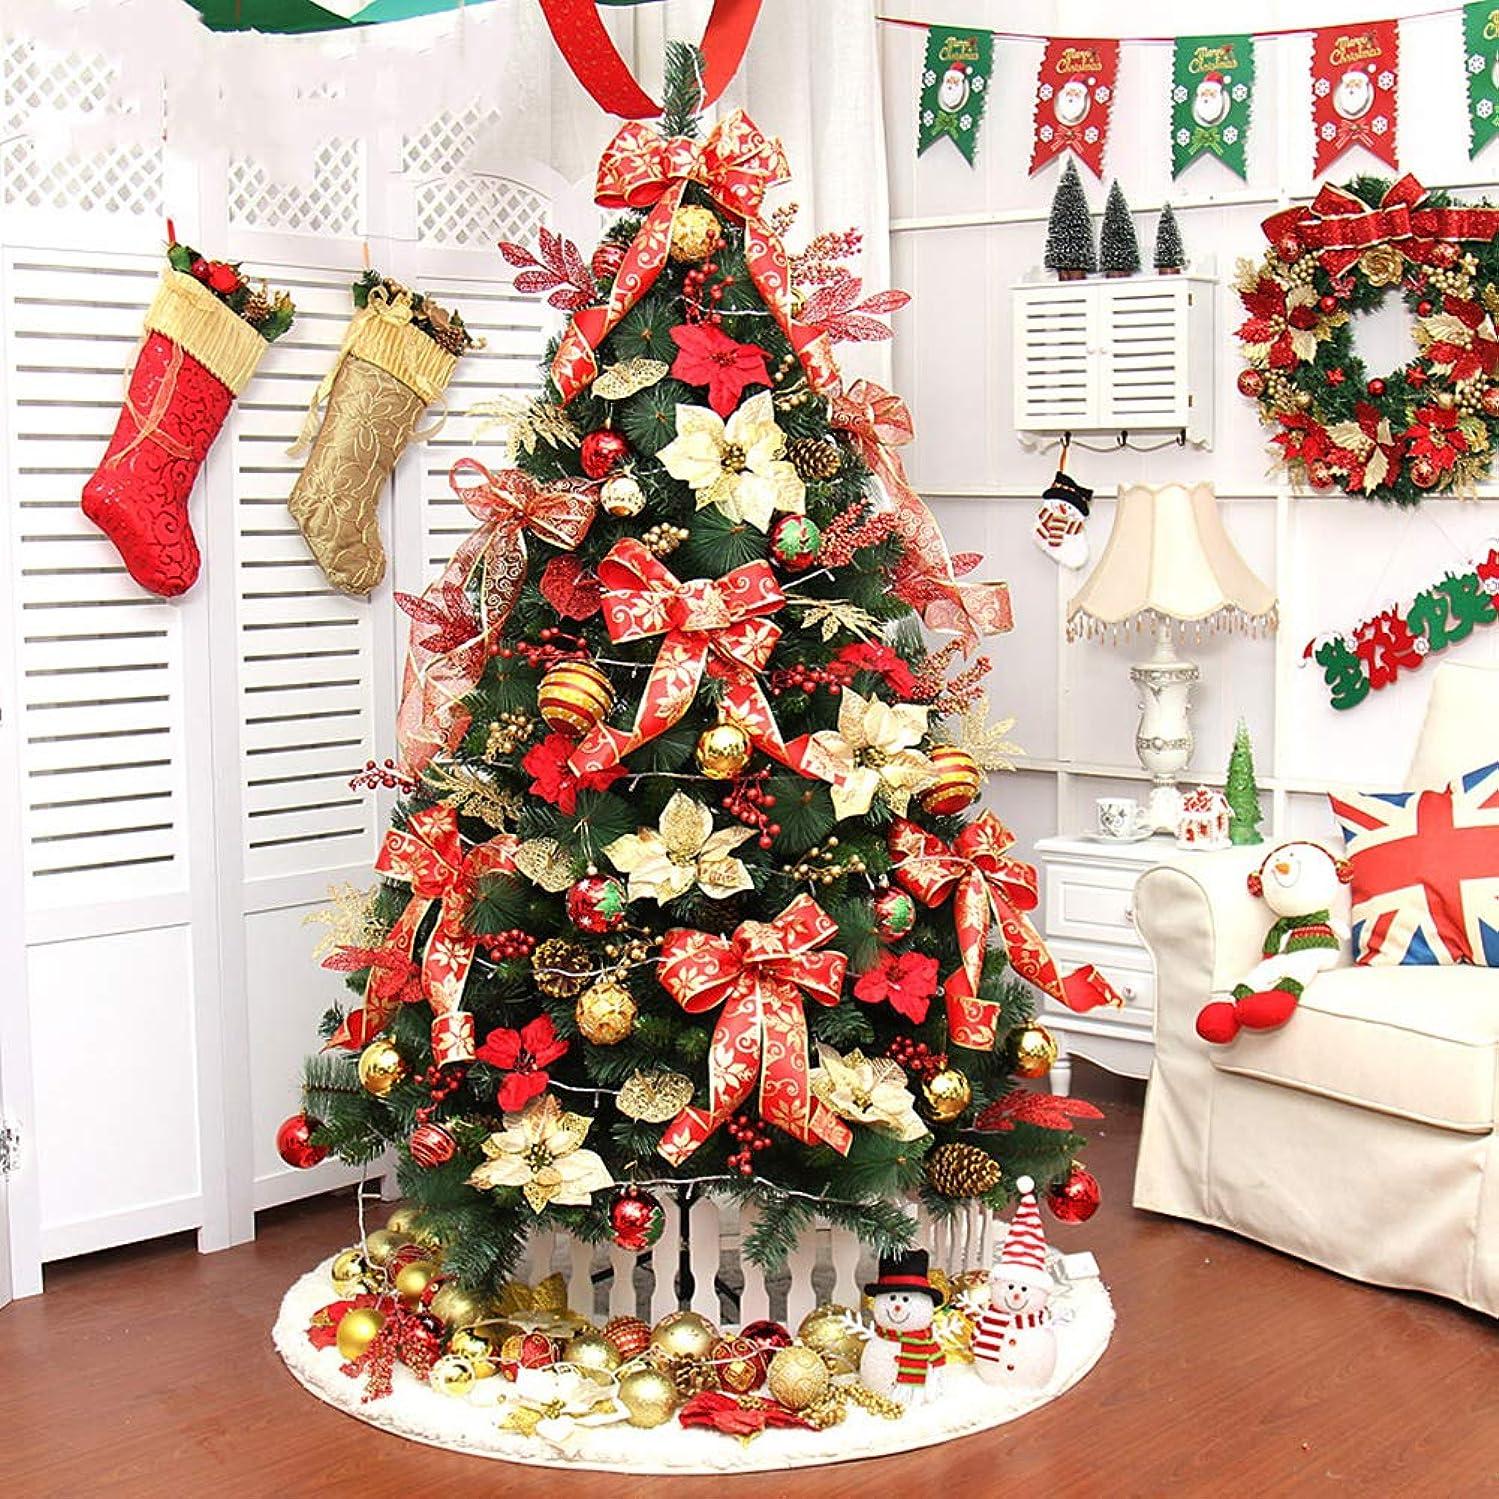 サービス軍南方の装飾 グリーン クリスマスツリー LEDライト付き 金属製スタンド 装飾品 ヒンジ 人工 クリスマス 伝統的です 屋内 休日- 150cm(59inch)